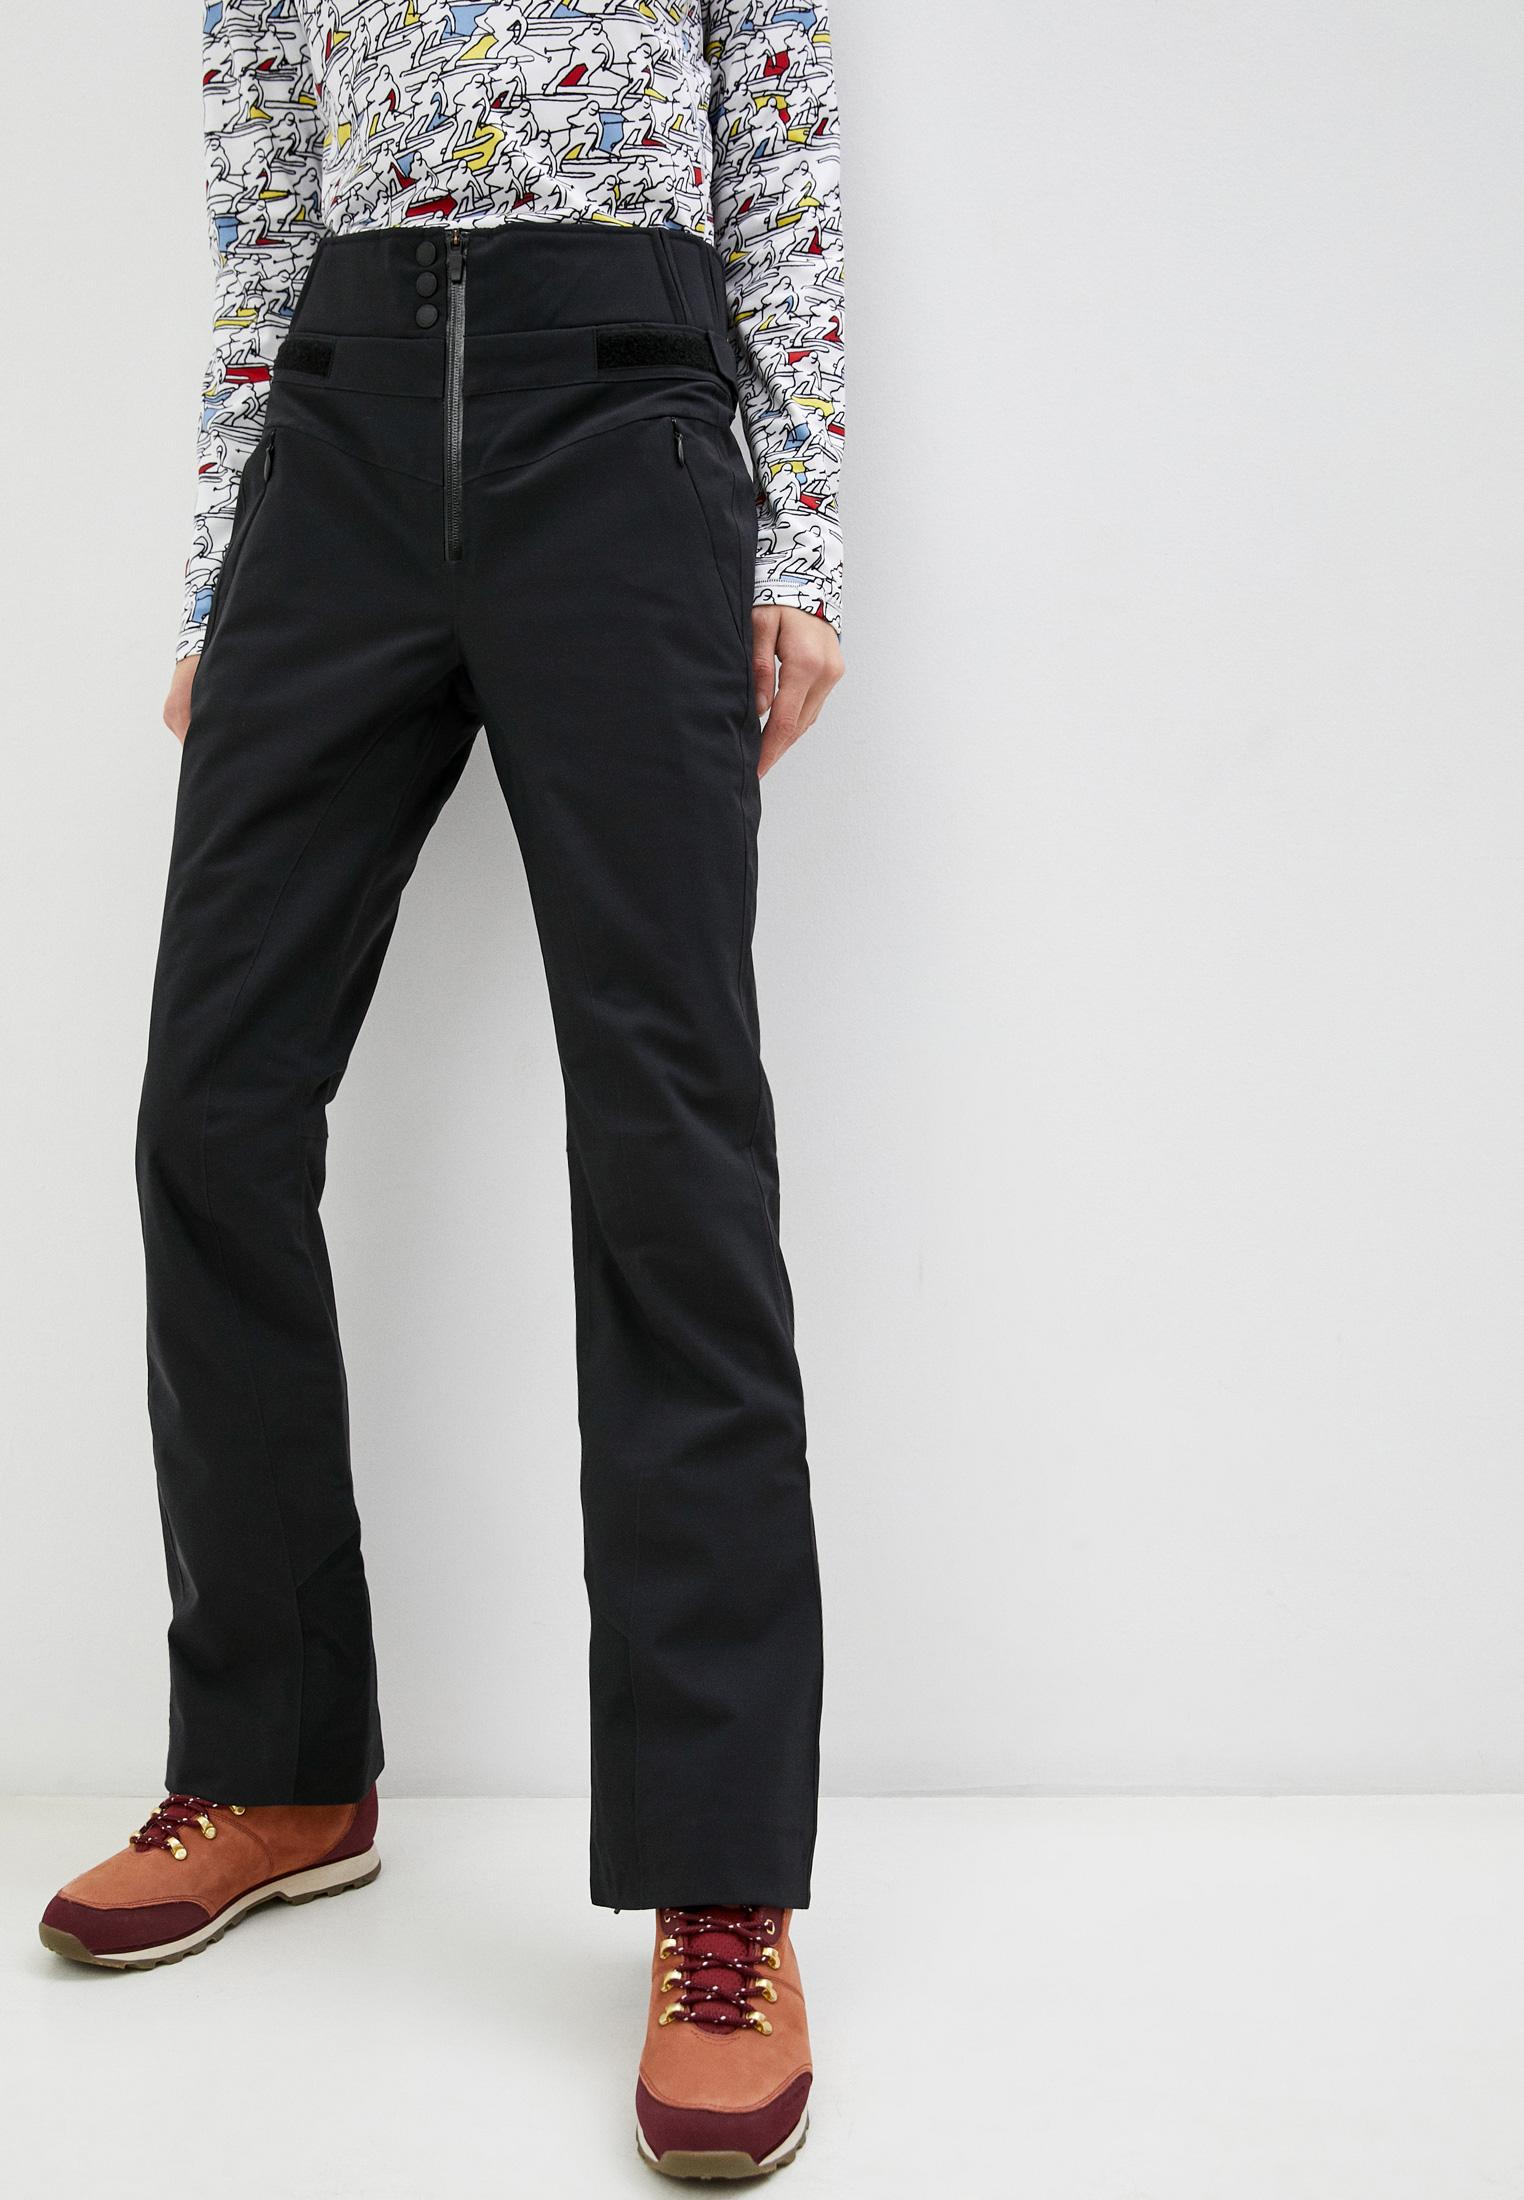 Женские утепленные брюки Bogner Fire+Ice Брюки горнолыжные Bogner Fire+Ice